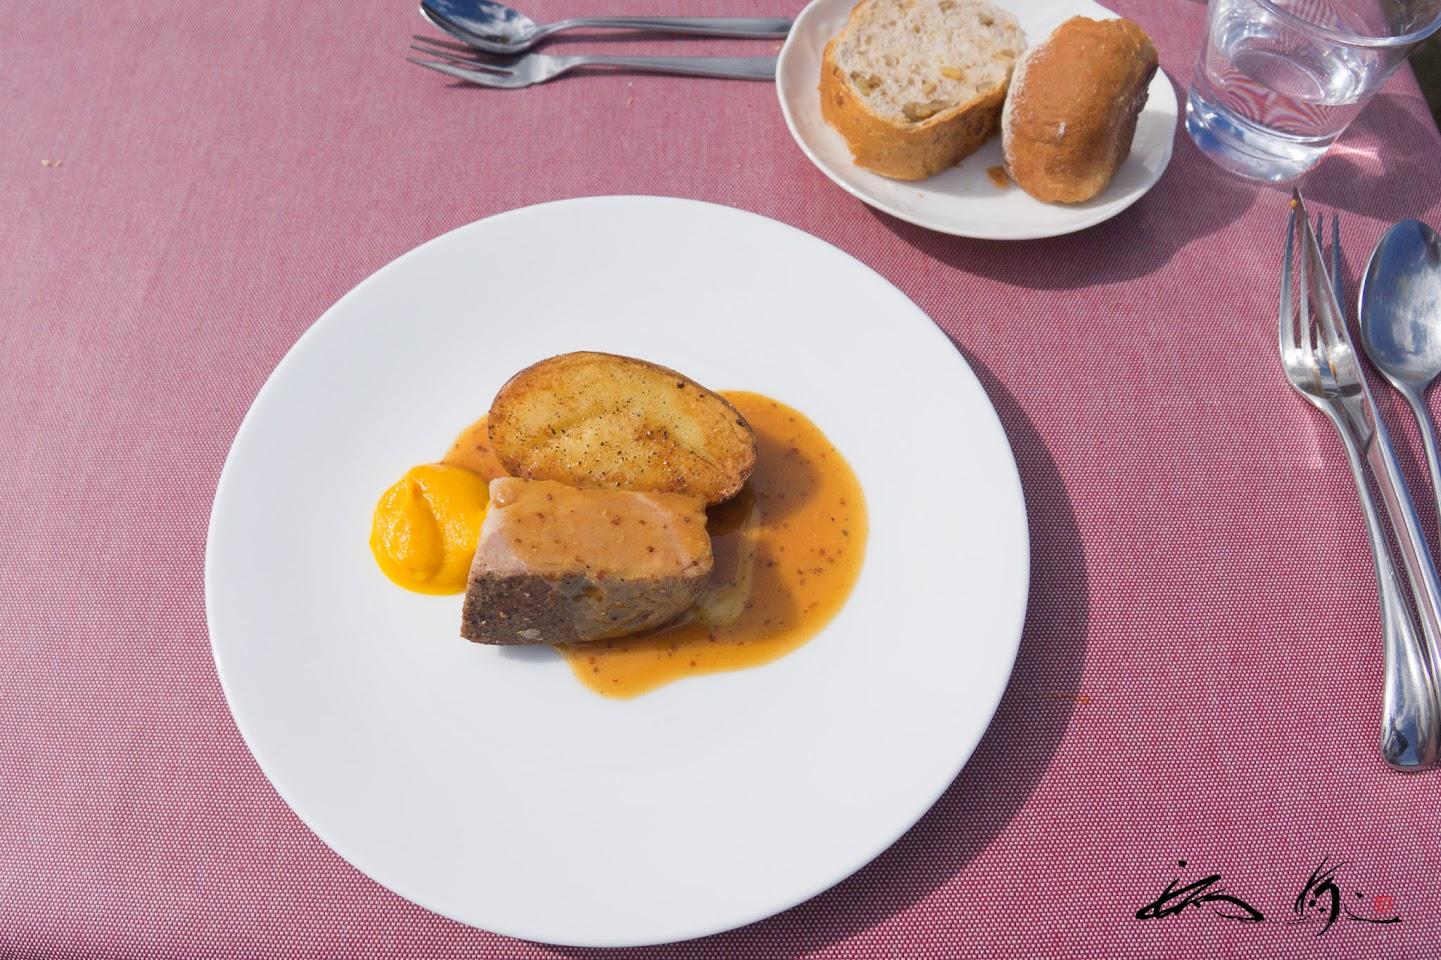 十勝産黒豚+はるか+フランス産マスタード